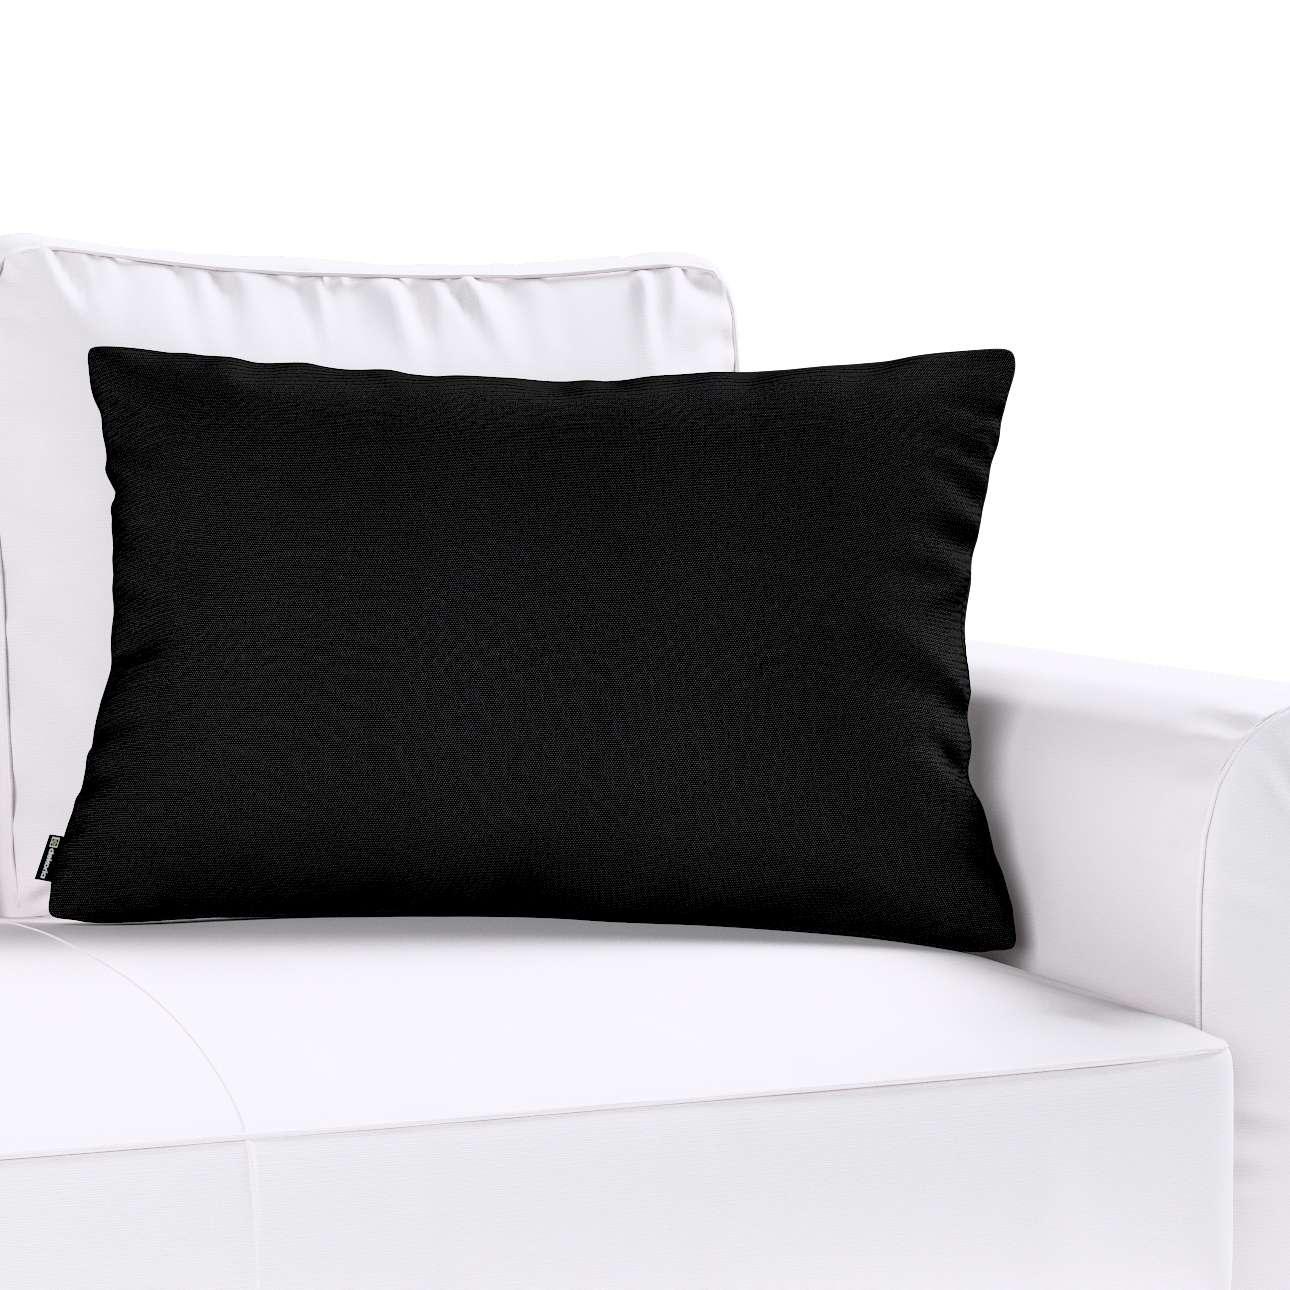 Poszewka Kinga na poduszkę prostokątną w kolekcji Etna, tkanina: 705-00